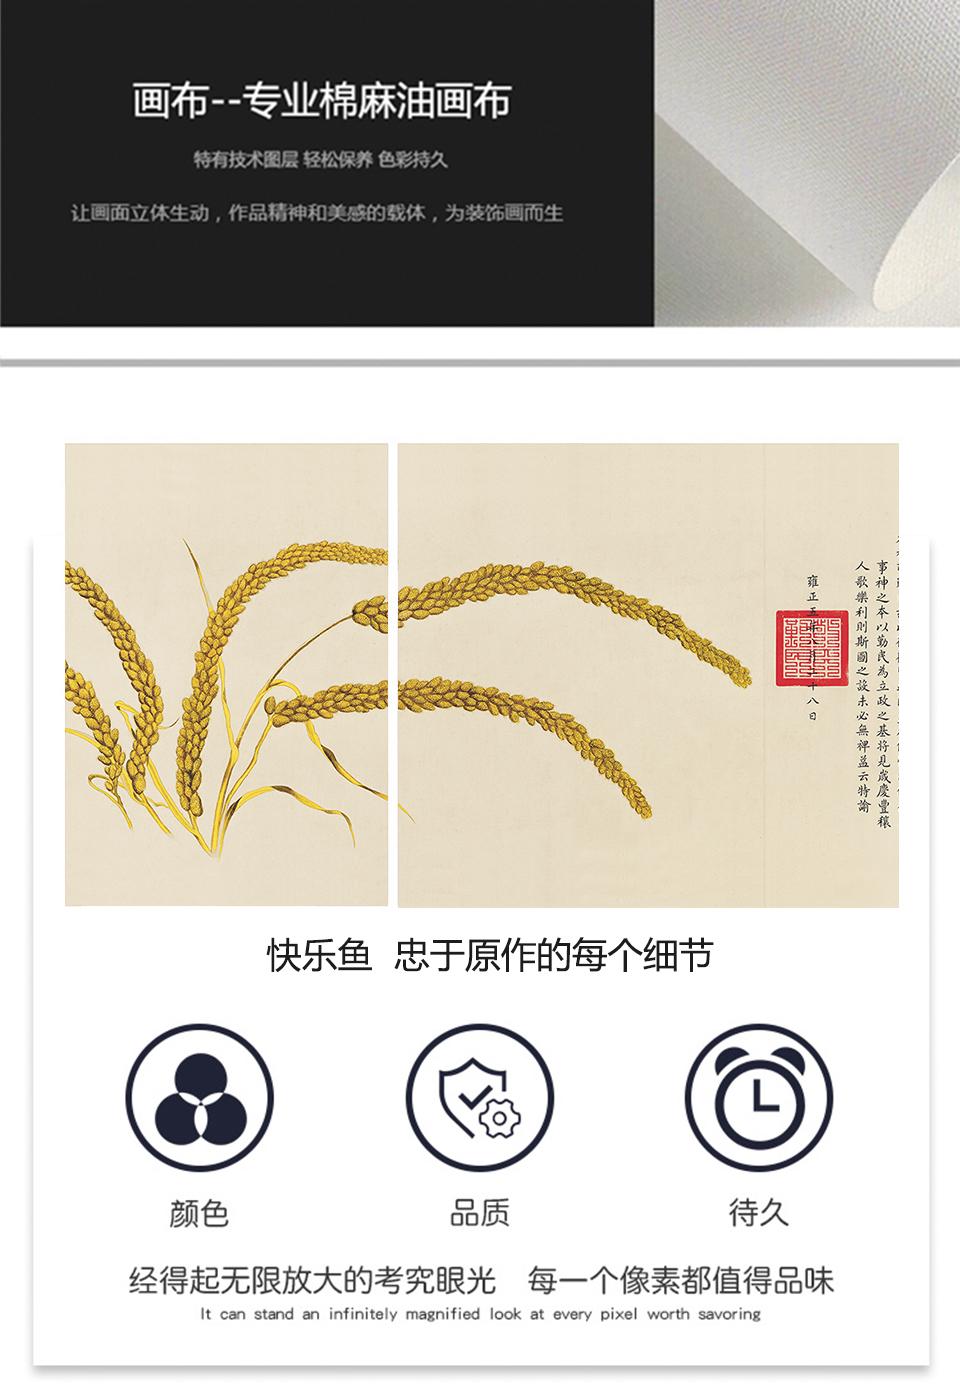 瑞谷图详情模板_10.jpg